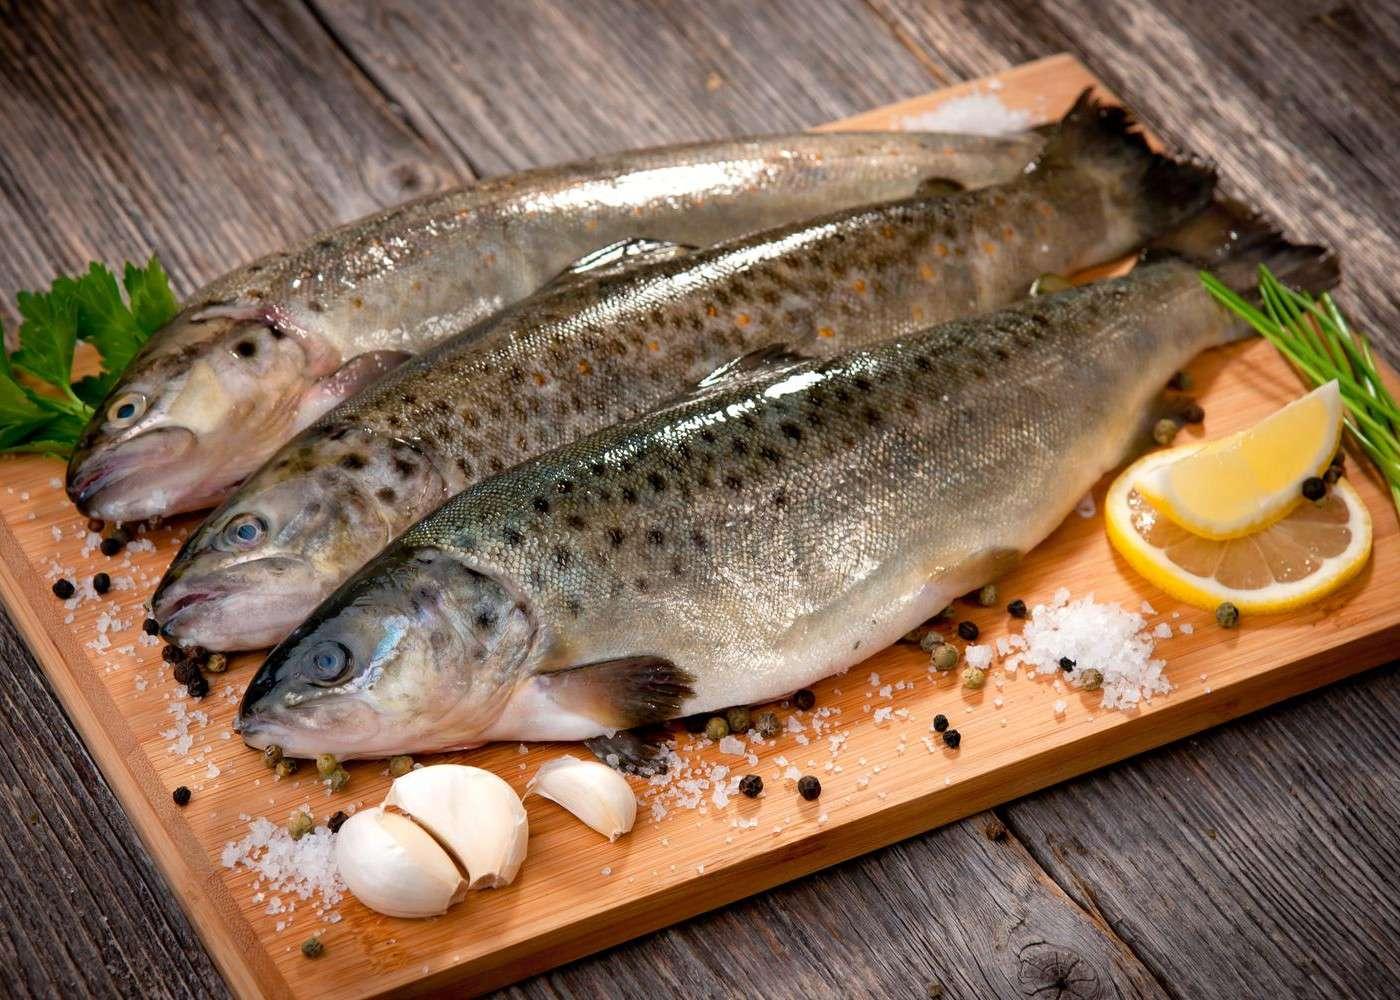 Les femmes enceintes sont invitées à consommer plus de poisson, comme de la truite. © Dani Vincek, Shutterstock